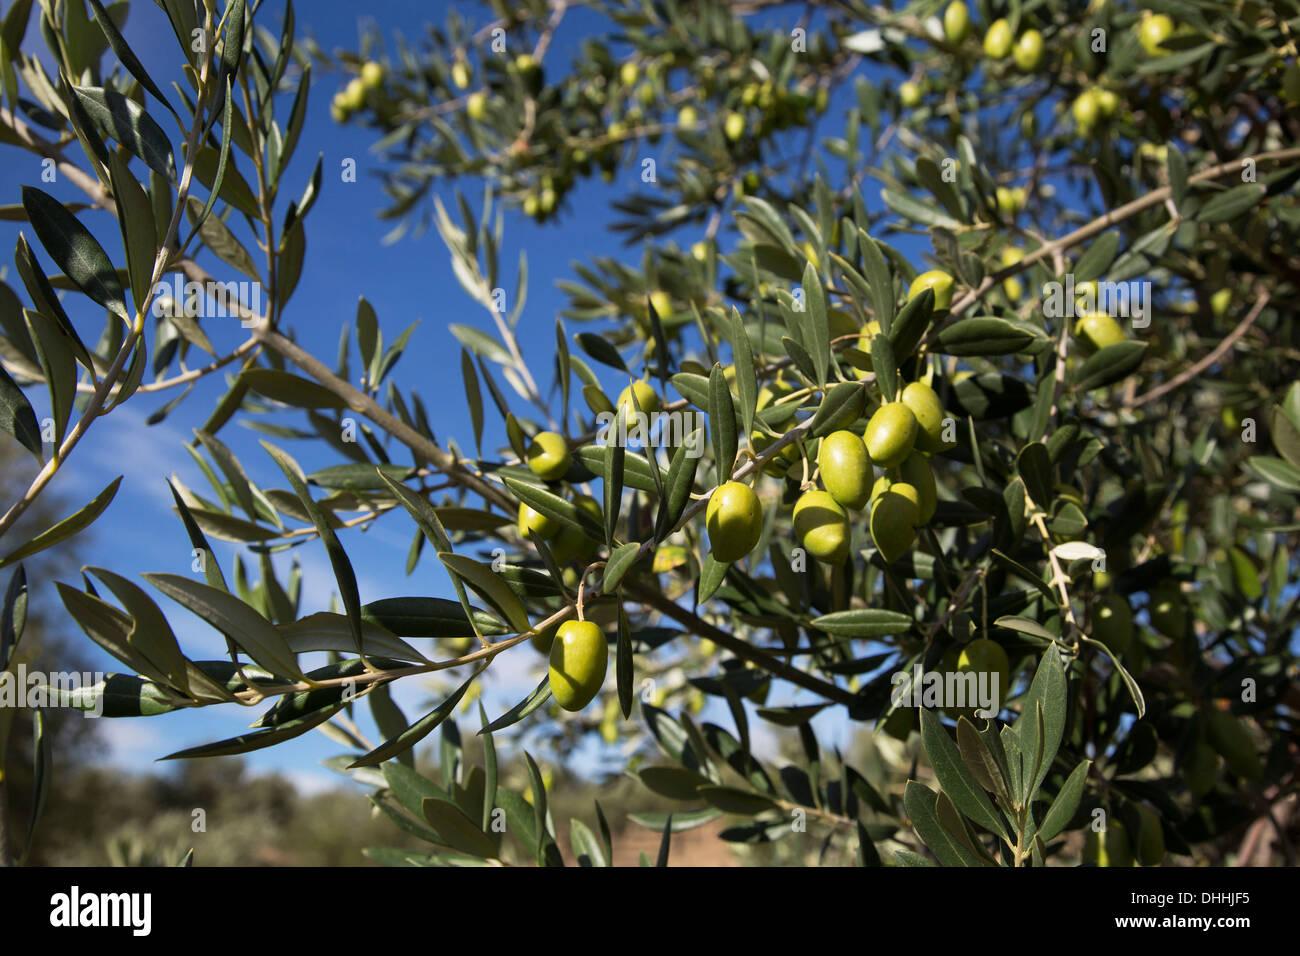 olives growing sur un olivier en andalousie espagne banque d 39 images photo stock 62467977 alamy. Black Bedroom Furniture Sets. Home Design Ideas